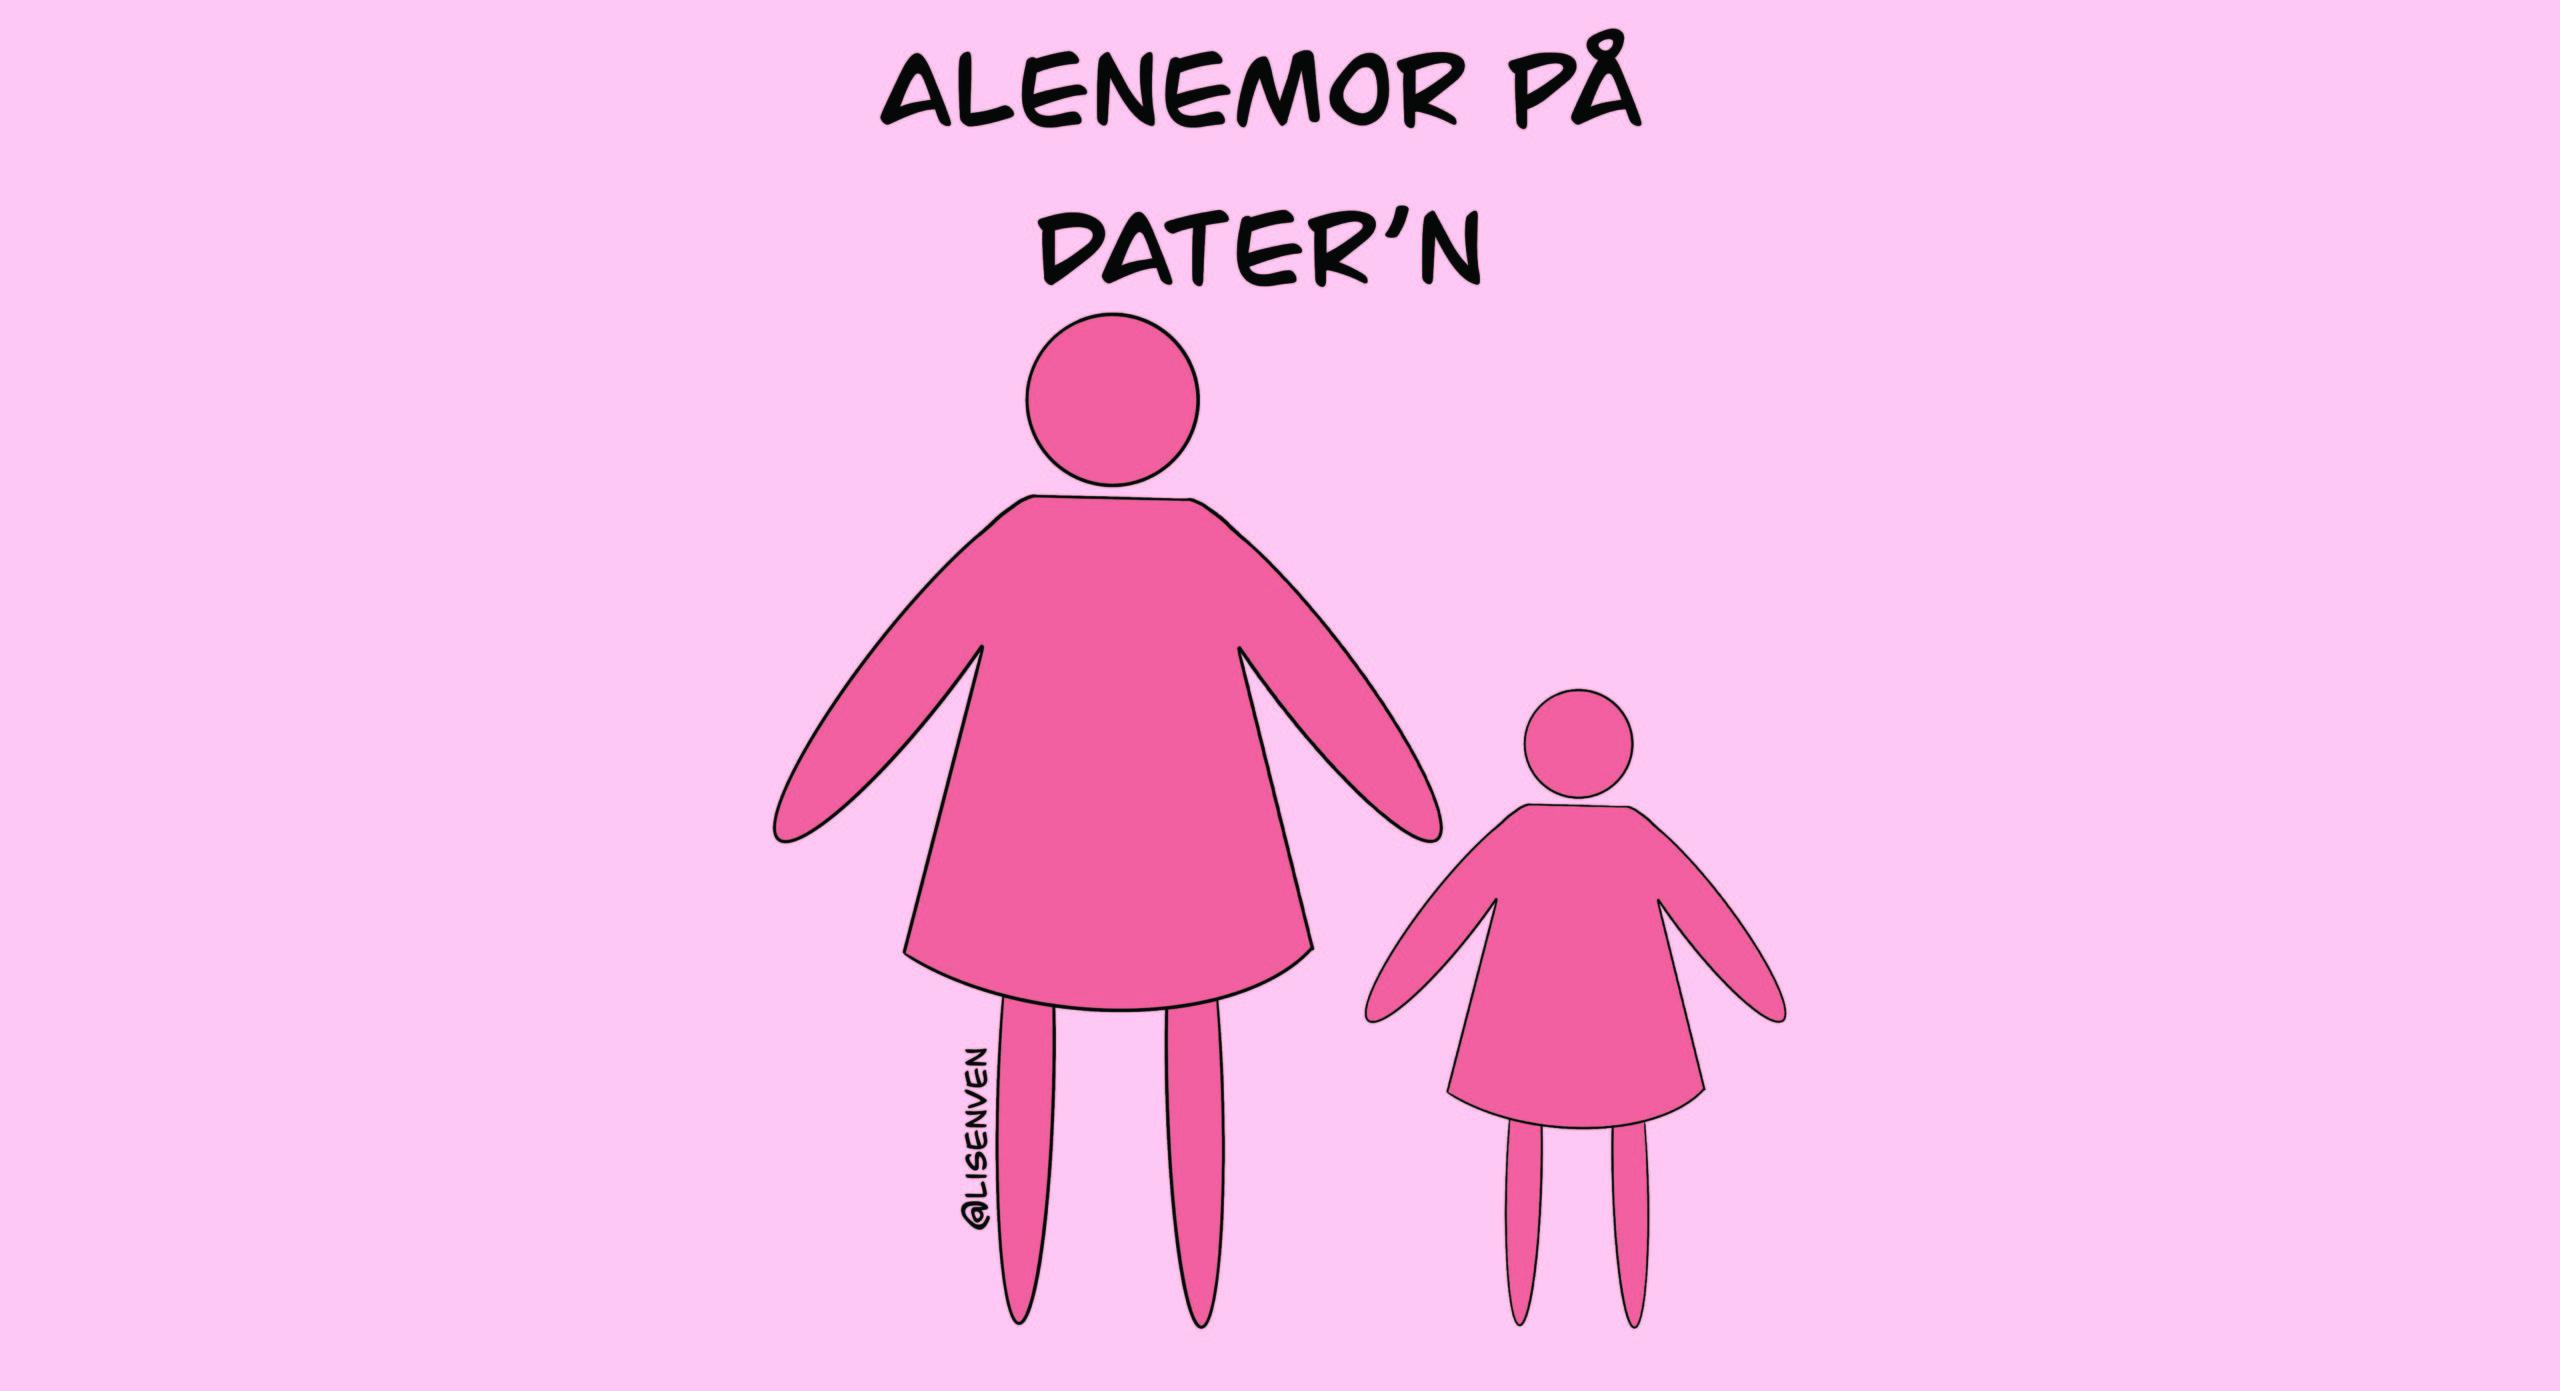 ALENEMOR: Er Det Virkelig Så Ille Eller Er Vi Undervurdert? Illustrasjon: Lisen Vennesland.